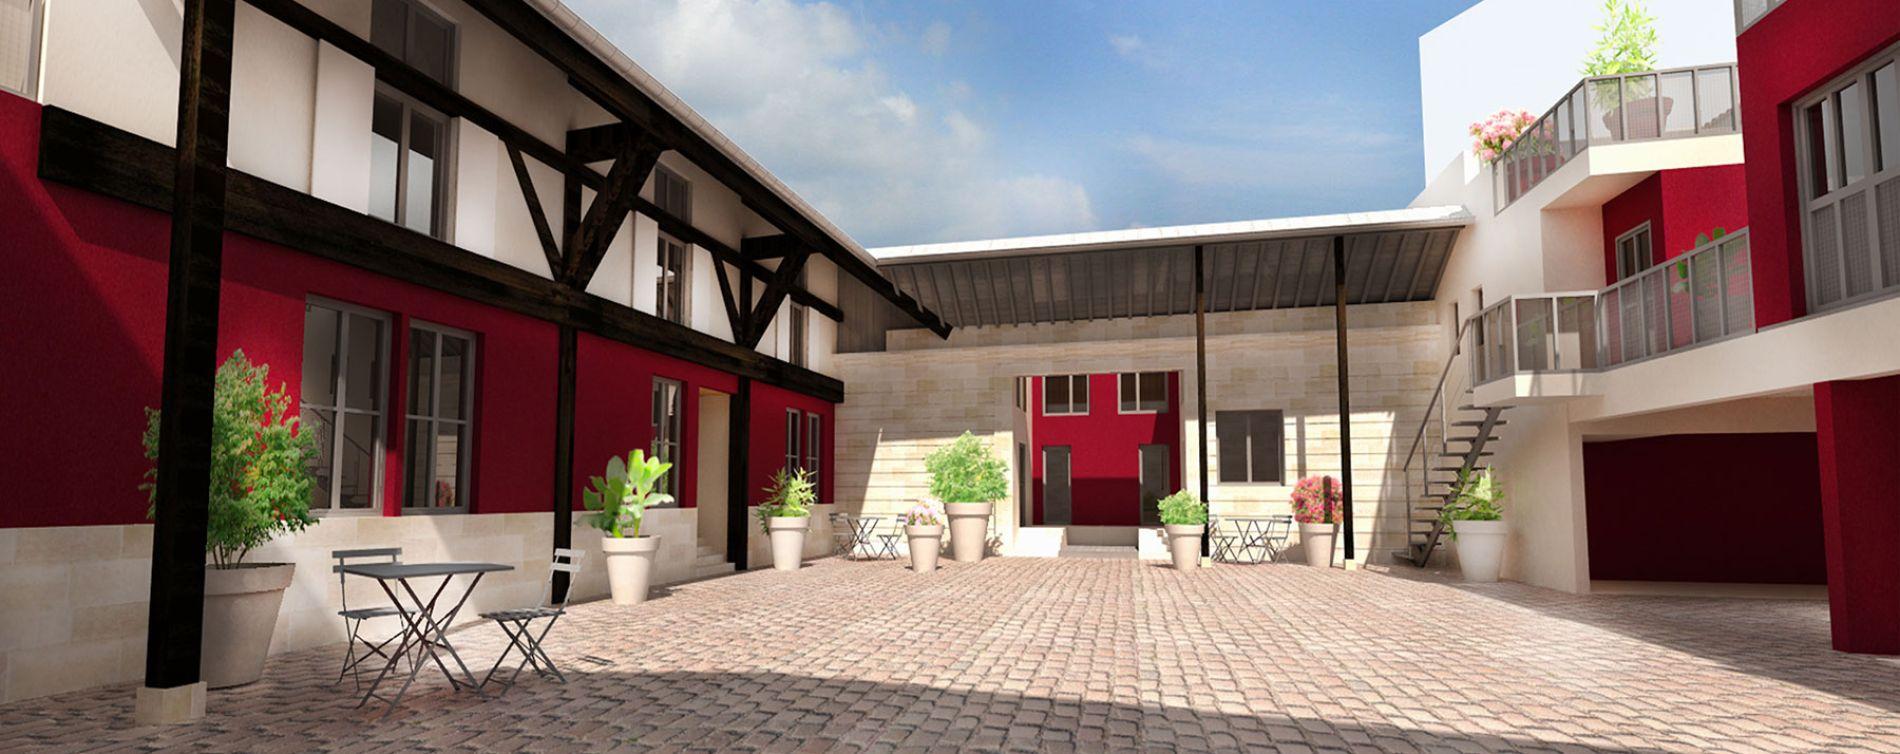 Le clos de la bastide bordeaux programme immobilier neuf for Vente appartement bordeaux bastide